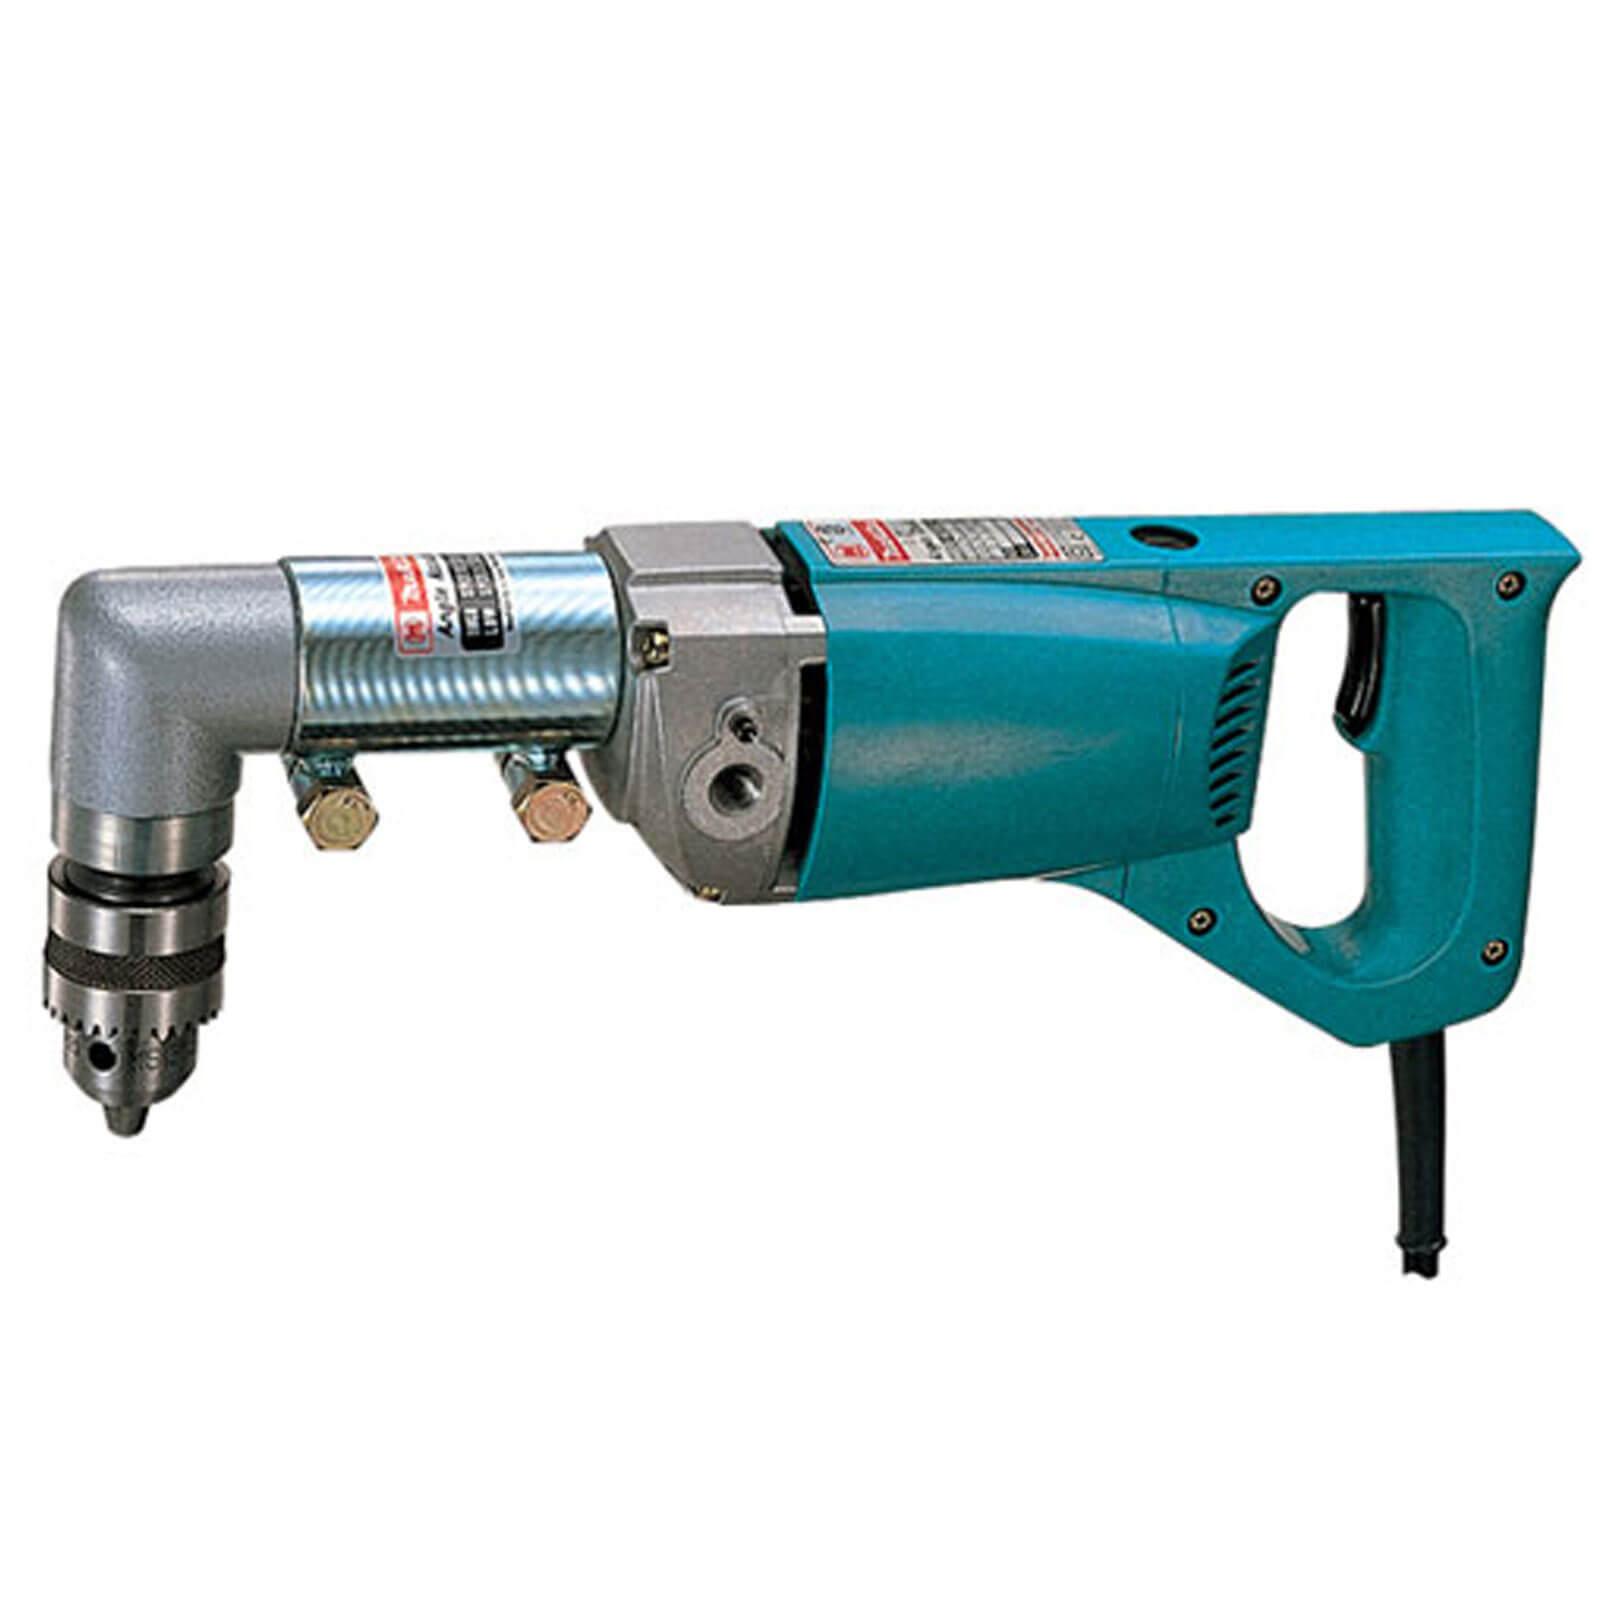 Makita 6300LR Rotary Right Angle Drill 110v